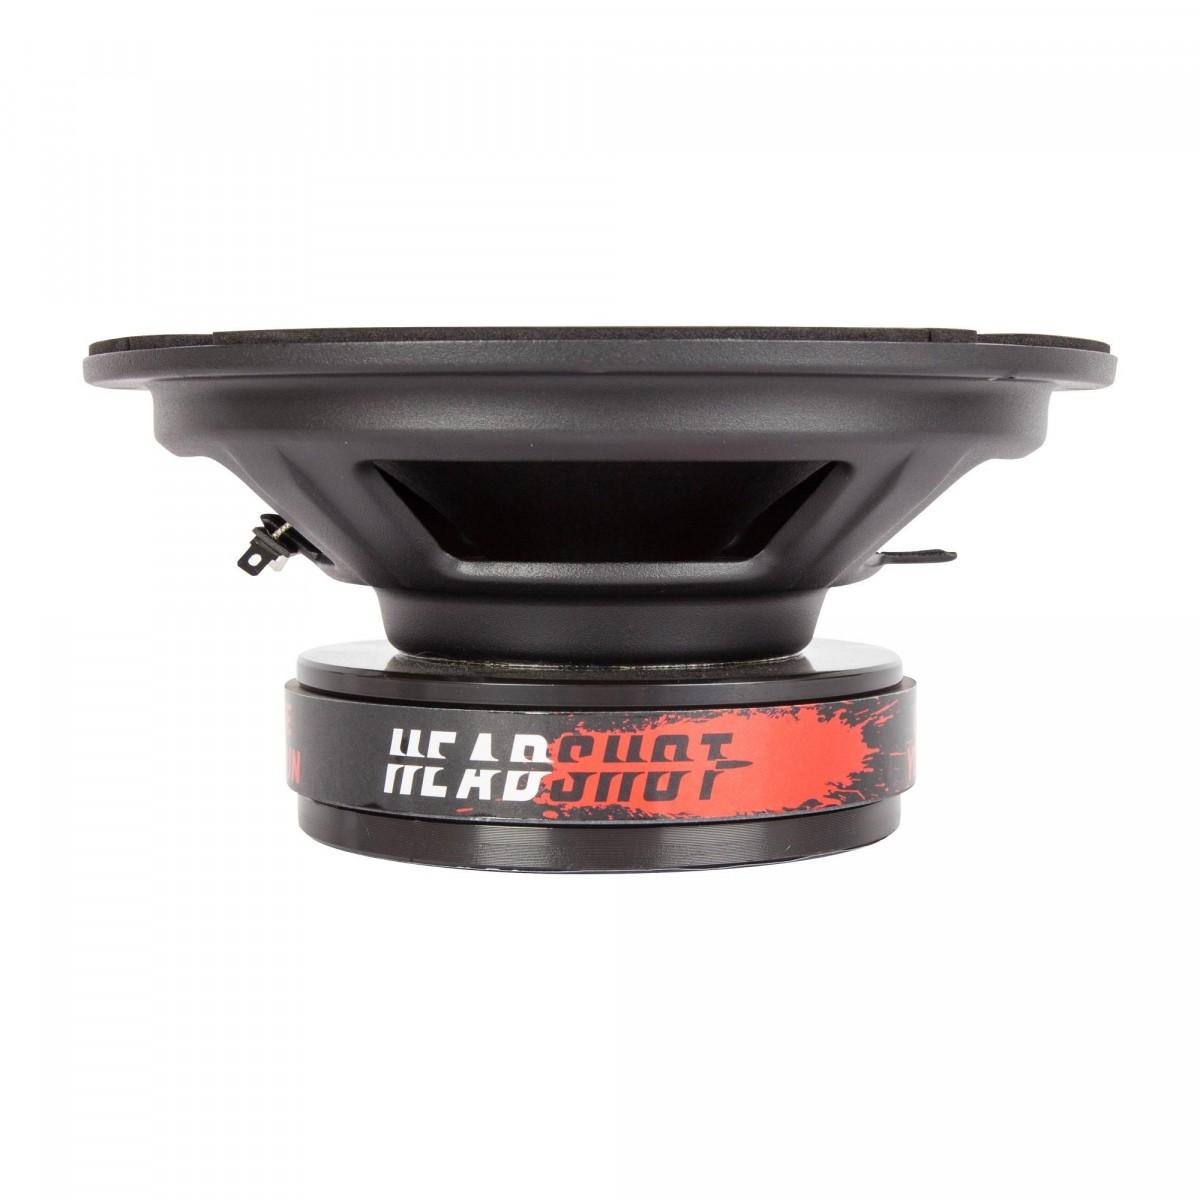 Среднечастотные динамики Kicx Headshot DM80